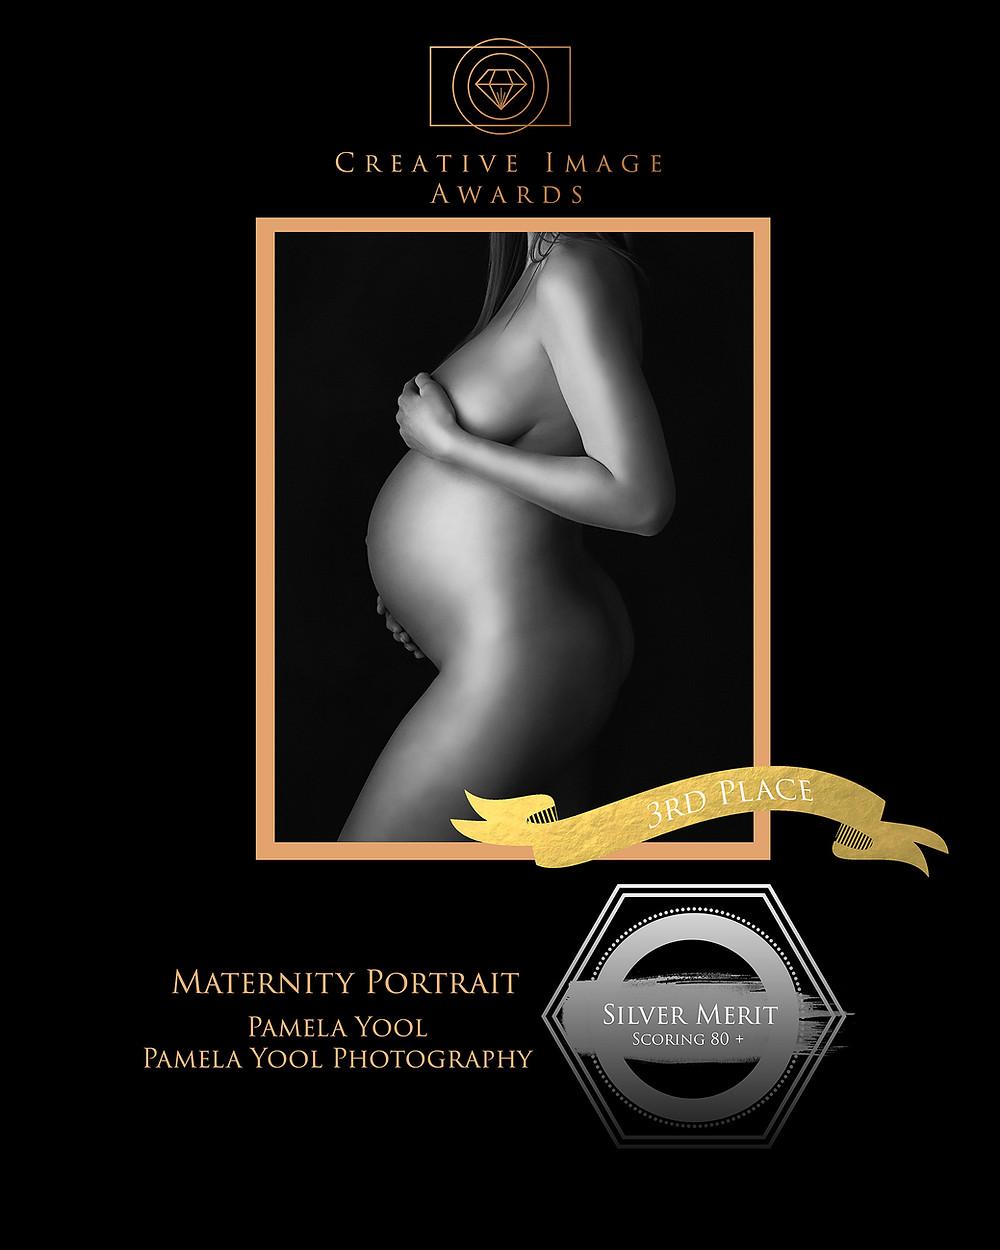 Maternity Portrait Award Winning Image - Pamela Yool Photography